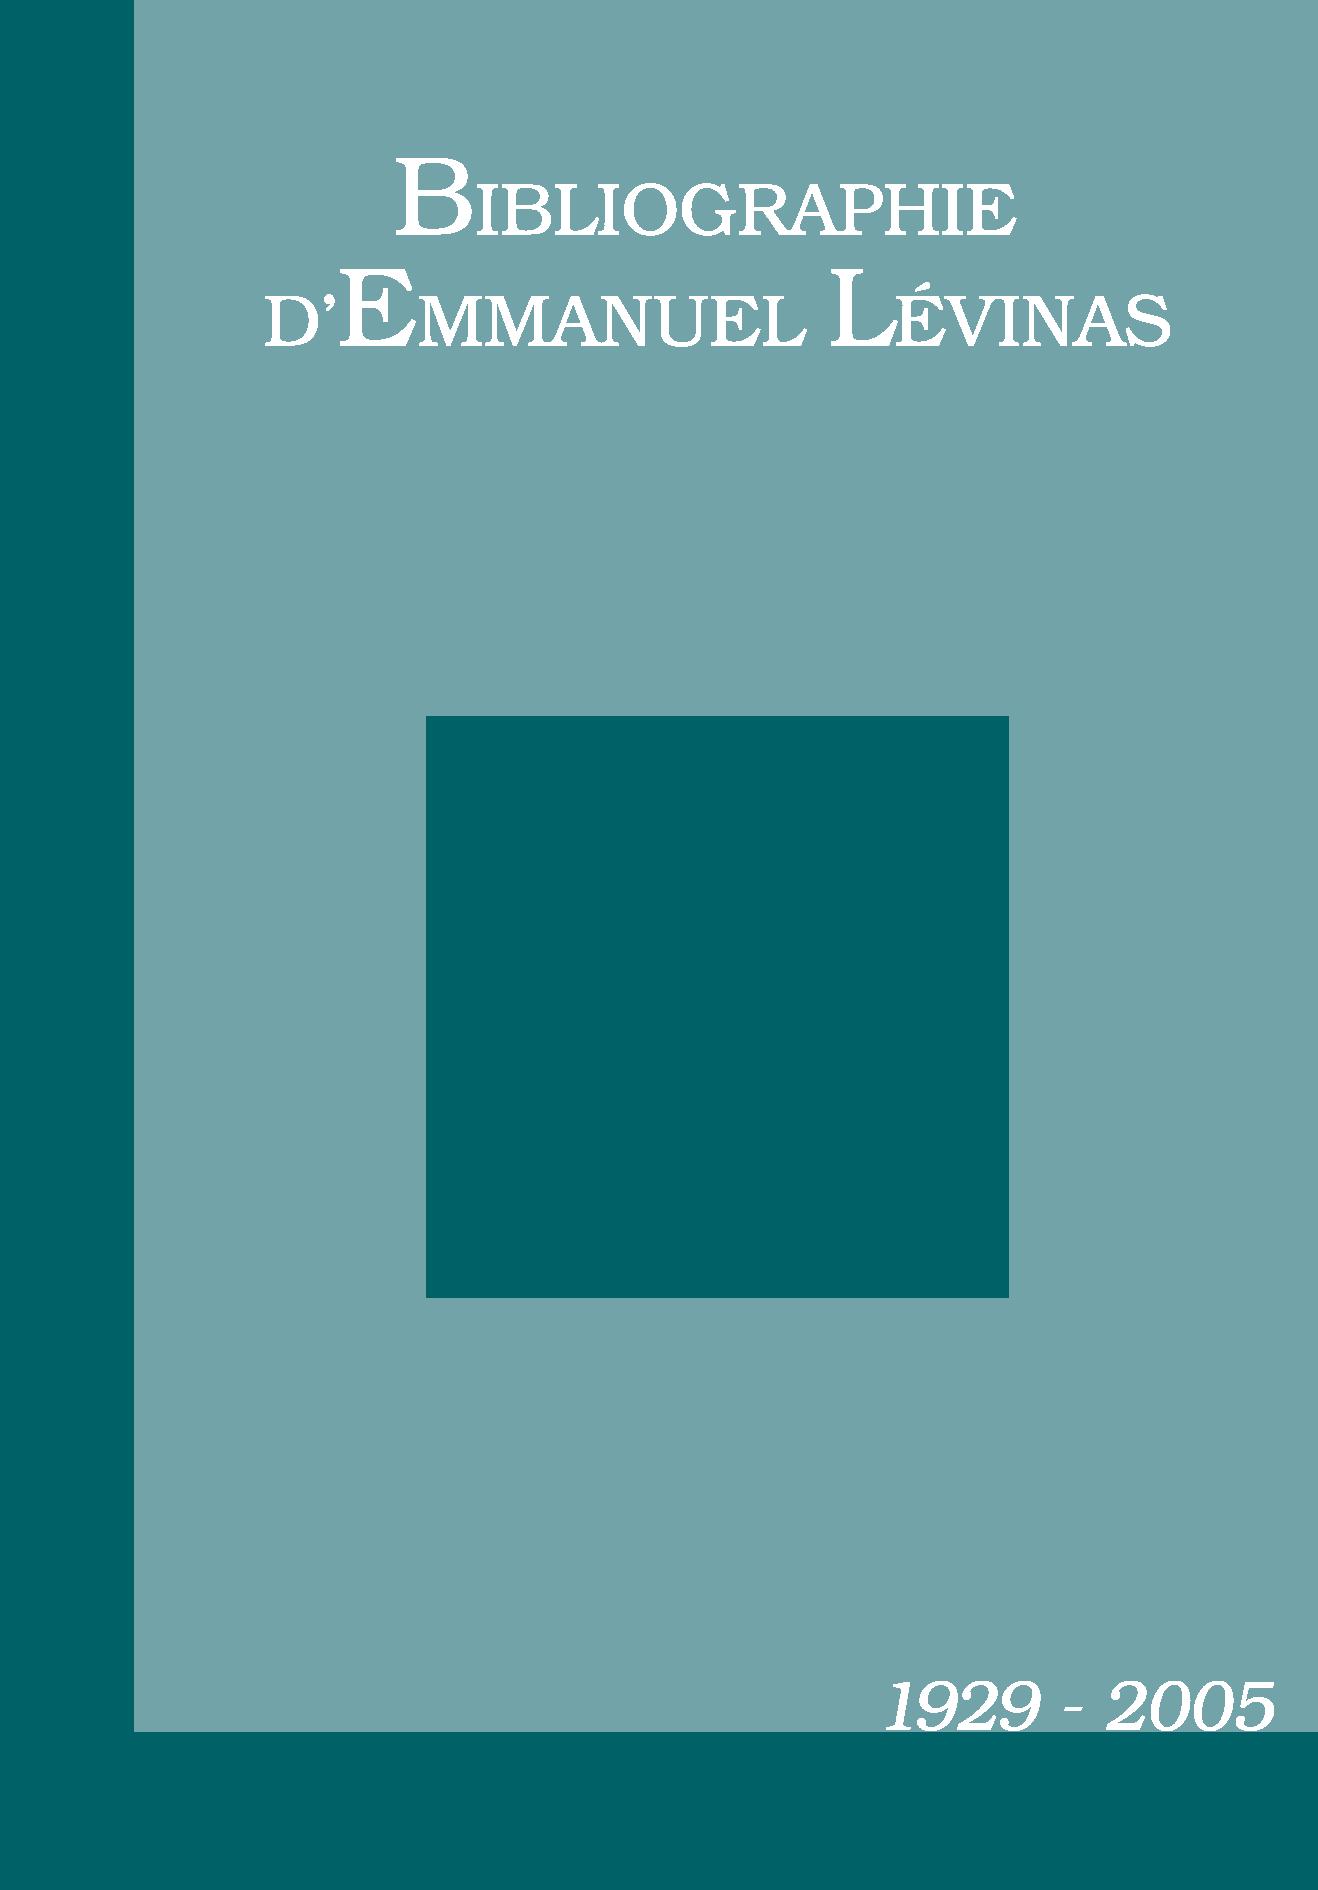 Couverture de la Bibliographie d'Emmanuel Lévinas 1929-2005